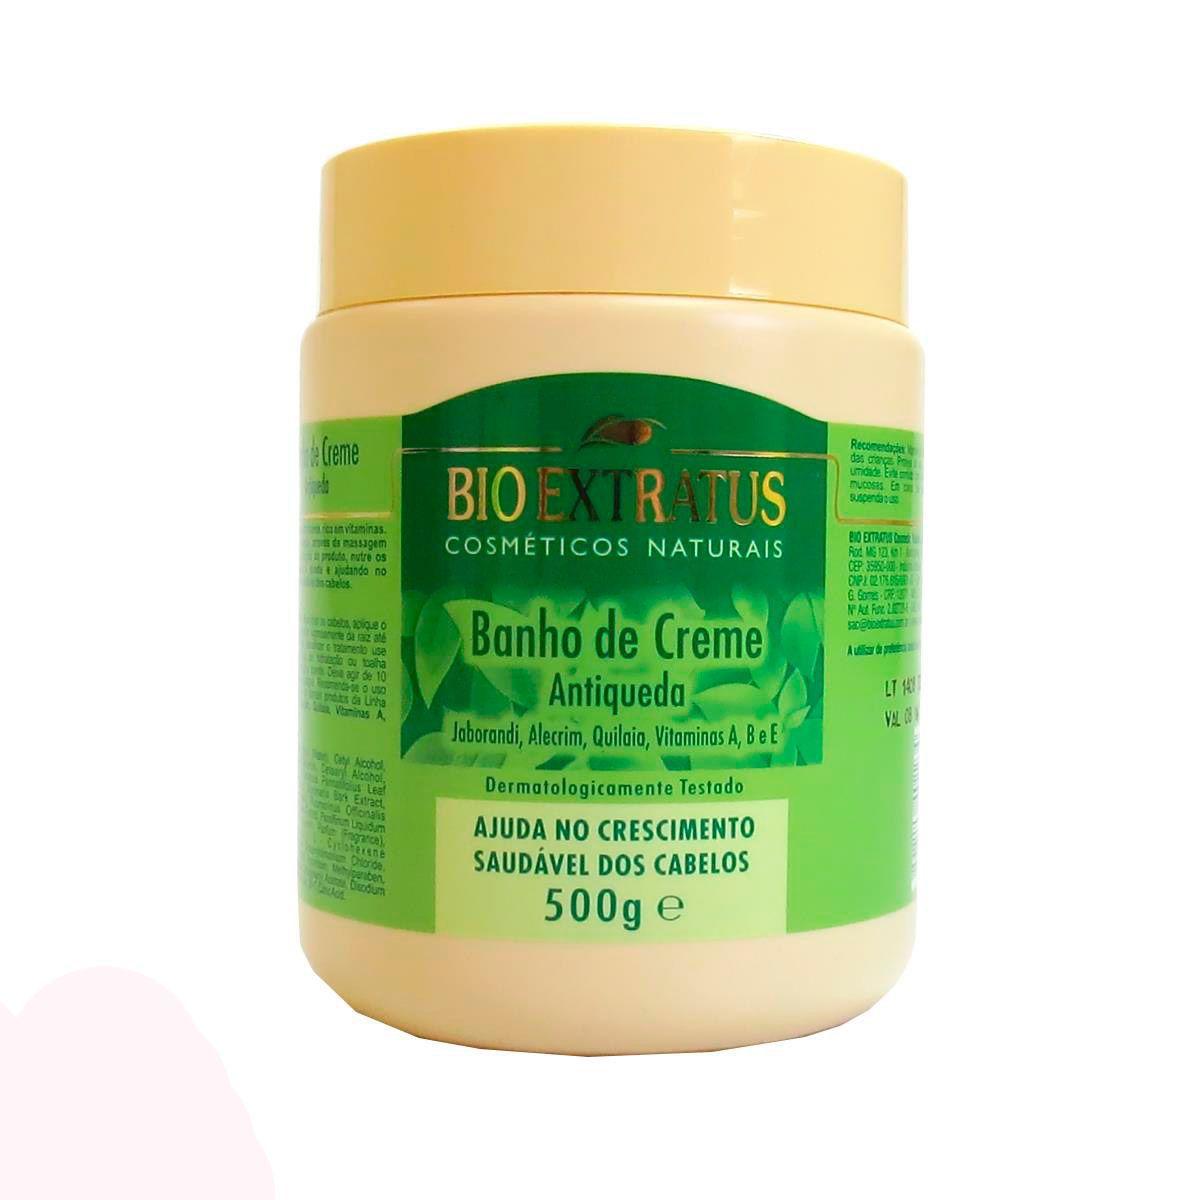 Banho de Creme Antiqueda Jaborandi - 500g -Bio Extratus